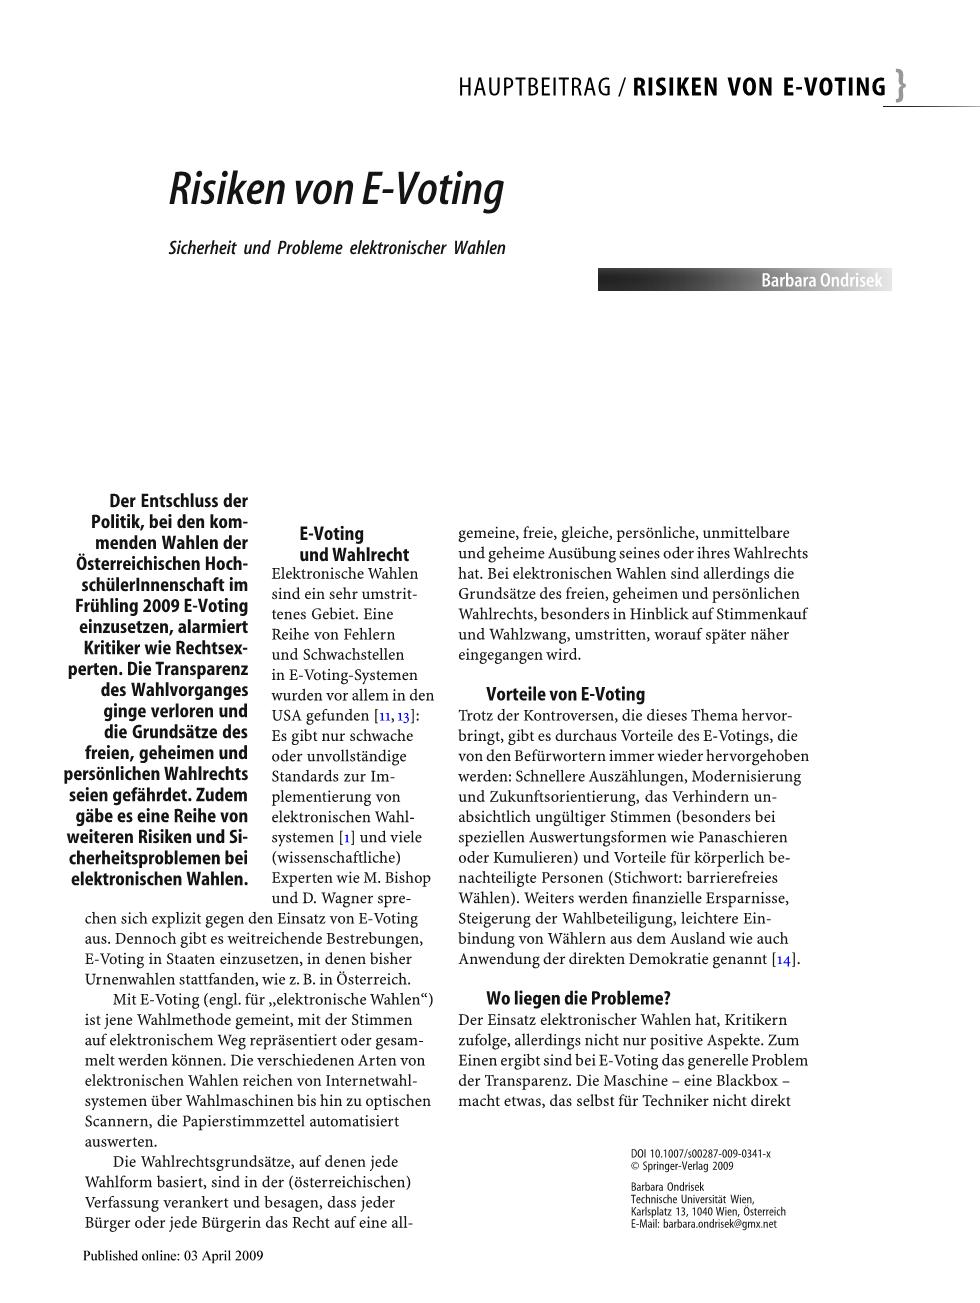 pdf-previewaxd